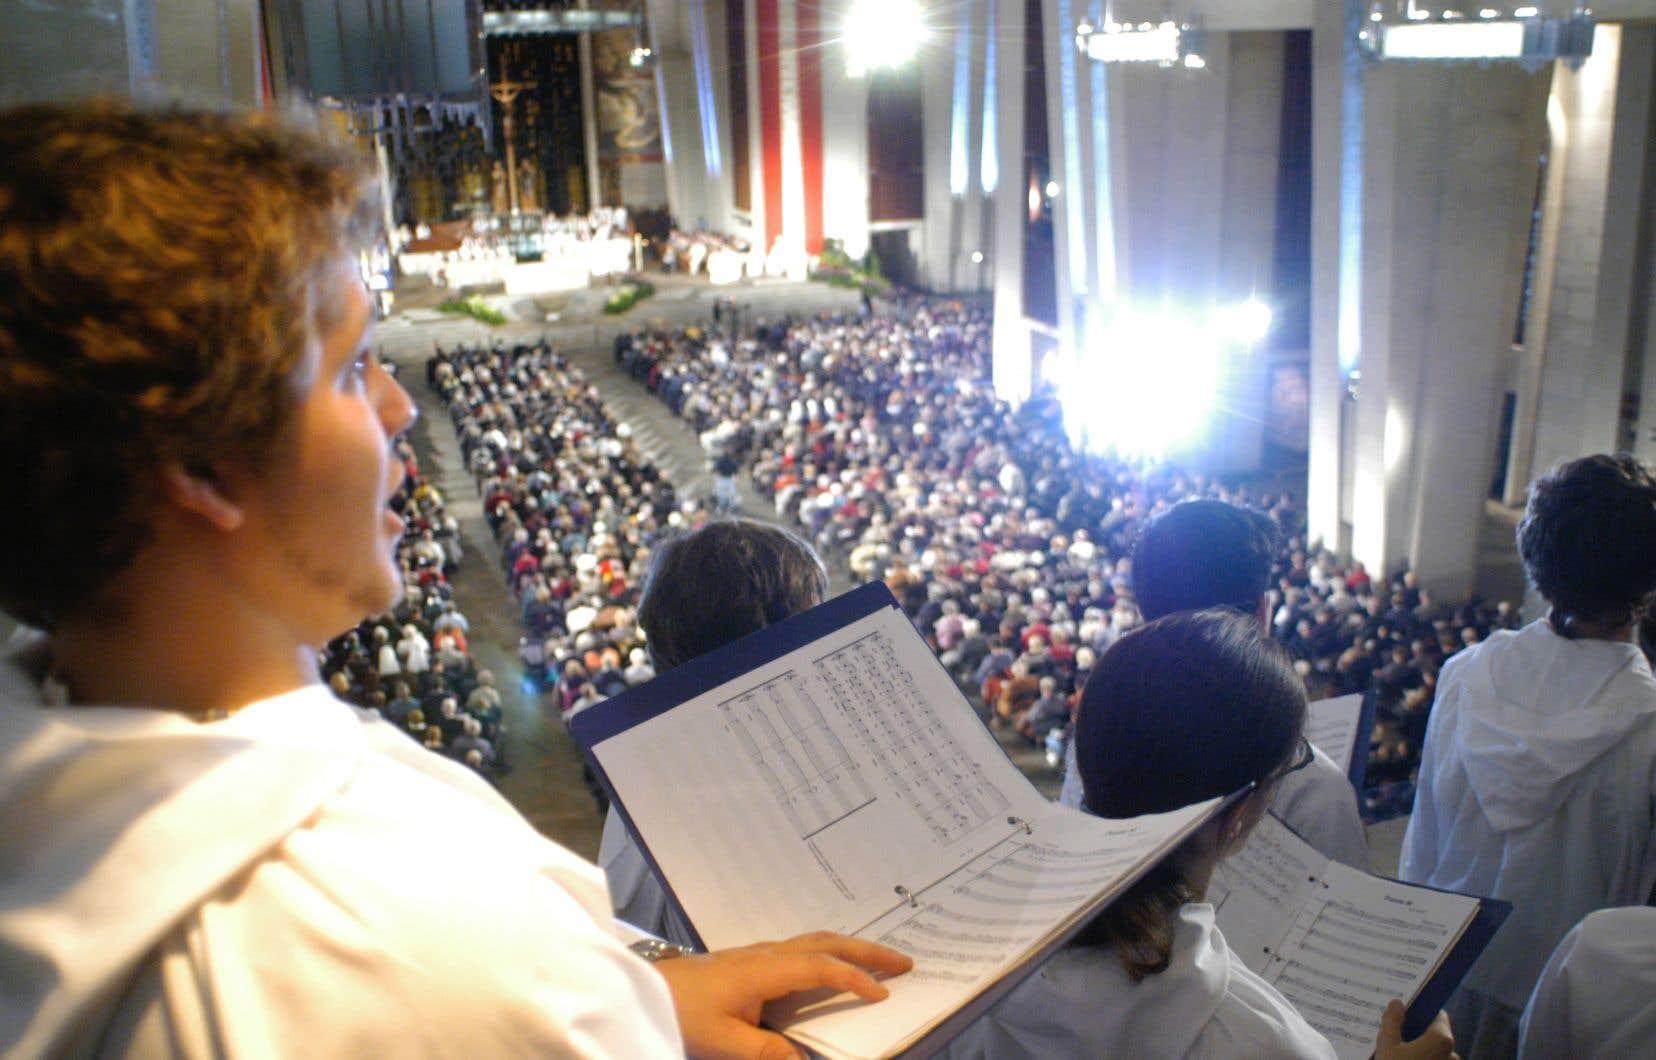 Les dirigeants des Petits Chanteurs du Mont-Royal se sont présentés au Conseil des commissaires pour plaider leur cause. Mais c'est peut-être vers le ministre de l'Éducation qu'ils devront se tourner, si l'on se fie aux réponses de la présidente de la CSDM.